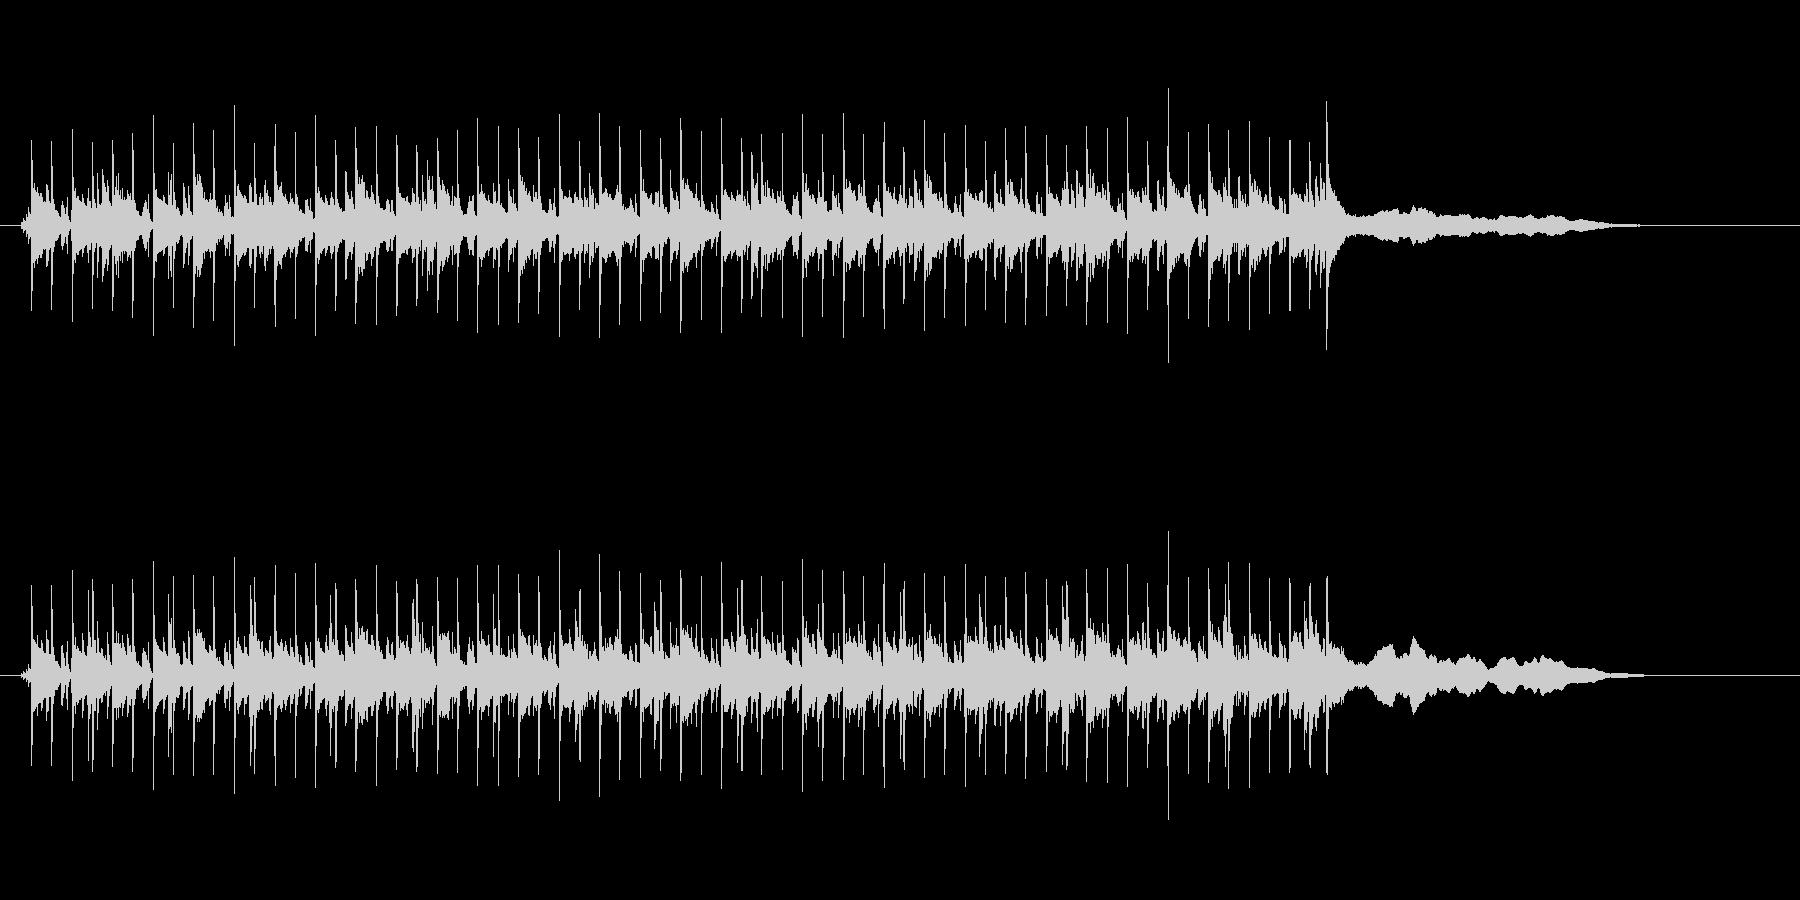 クールでちょっと怪しいエレクトロニカの未再生の波形